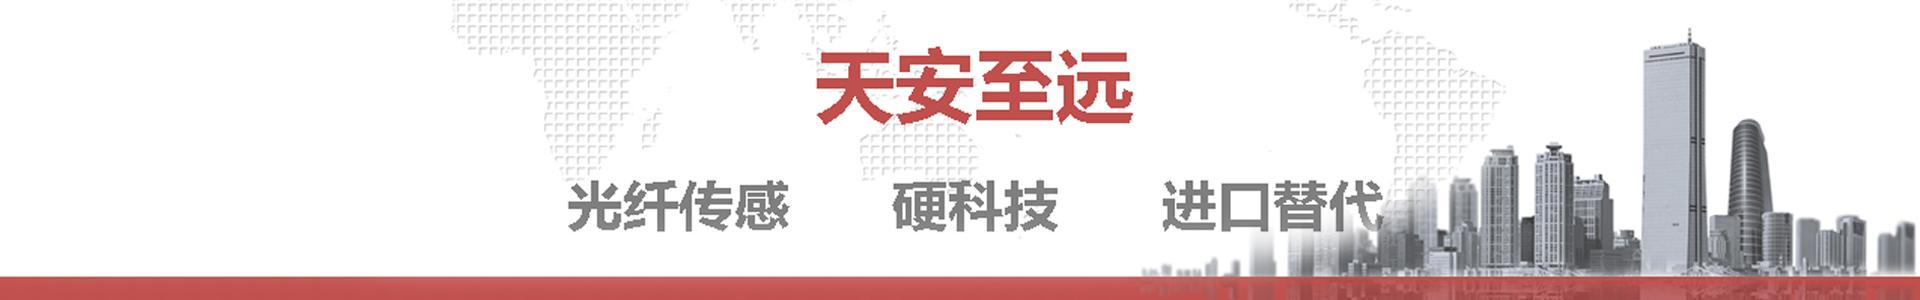 http://www.tianansensor.com/data/upload/202007/20200707153536_964.jpg